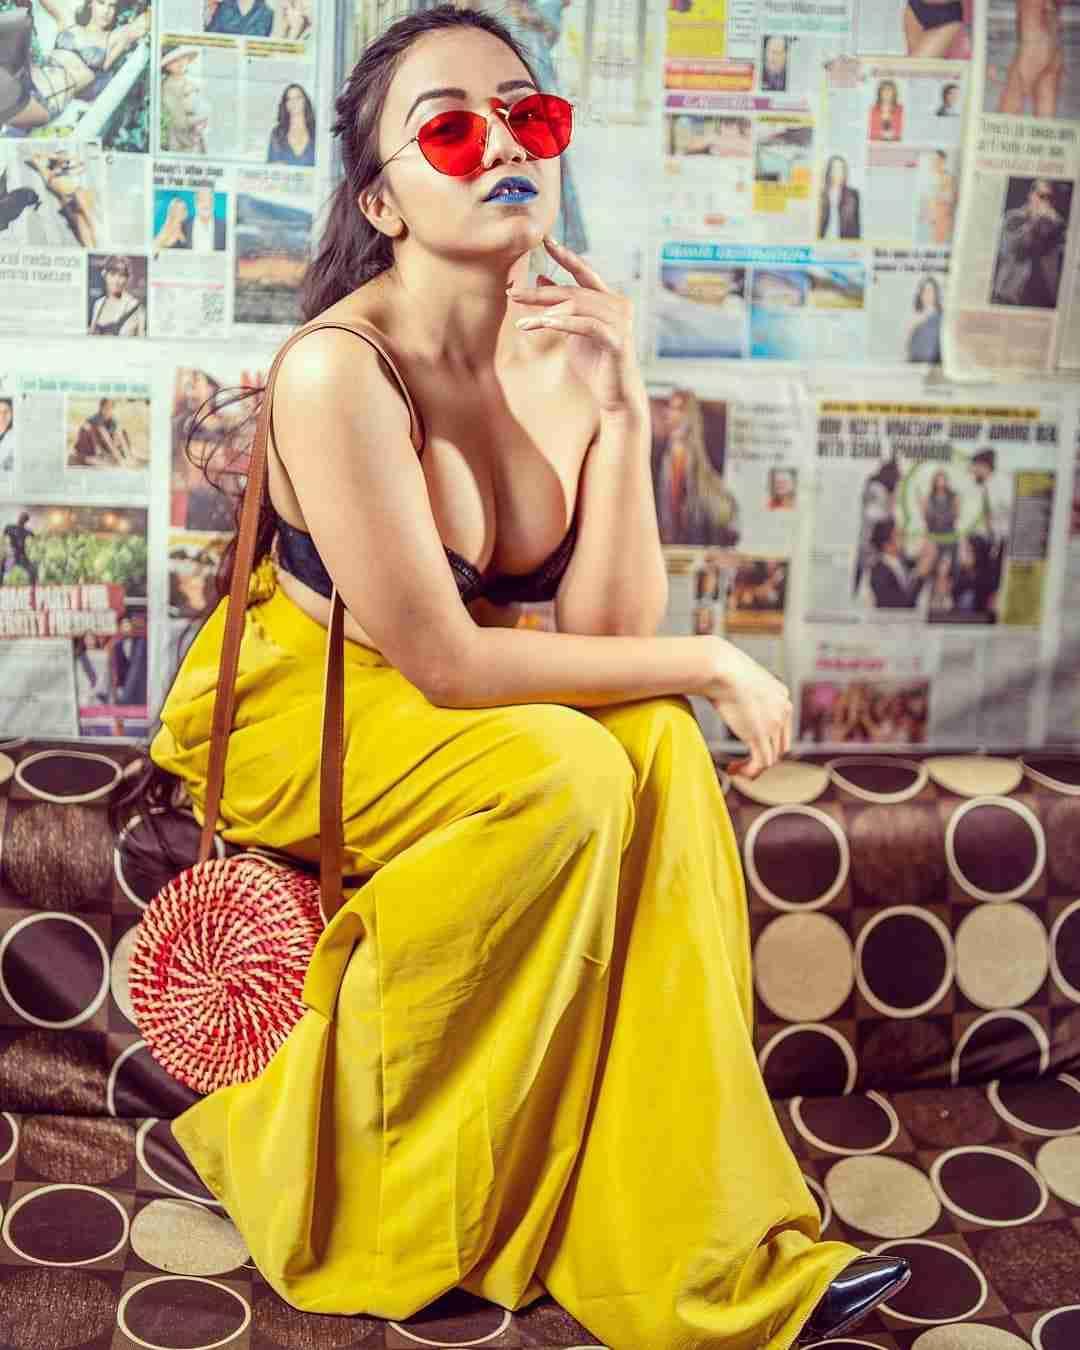 Ullu App Charmsukh Salahkaar (2021) Actress Leena Jumani Instagram Photos